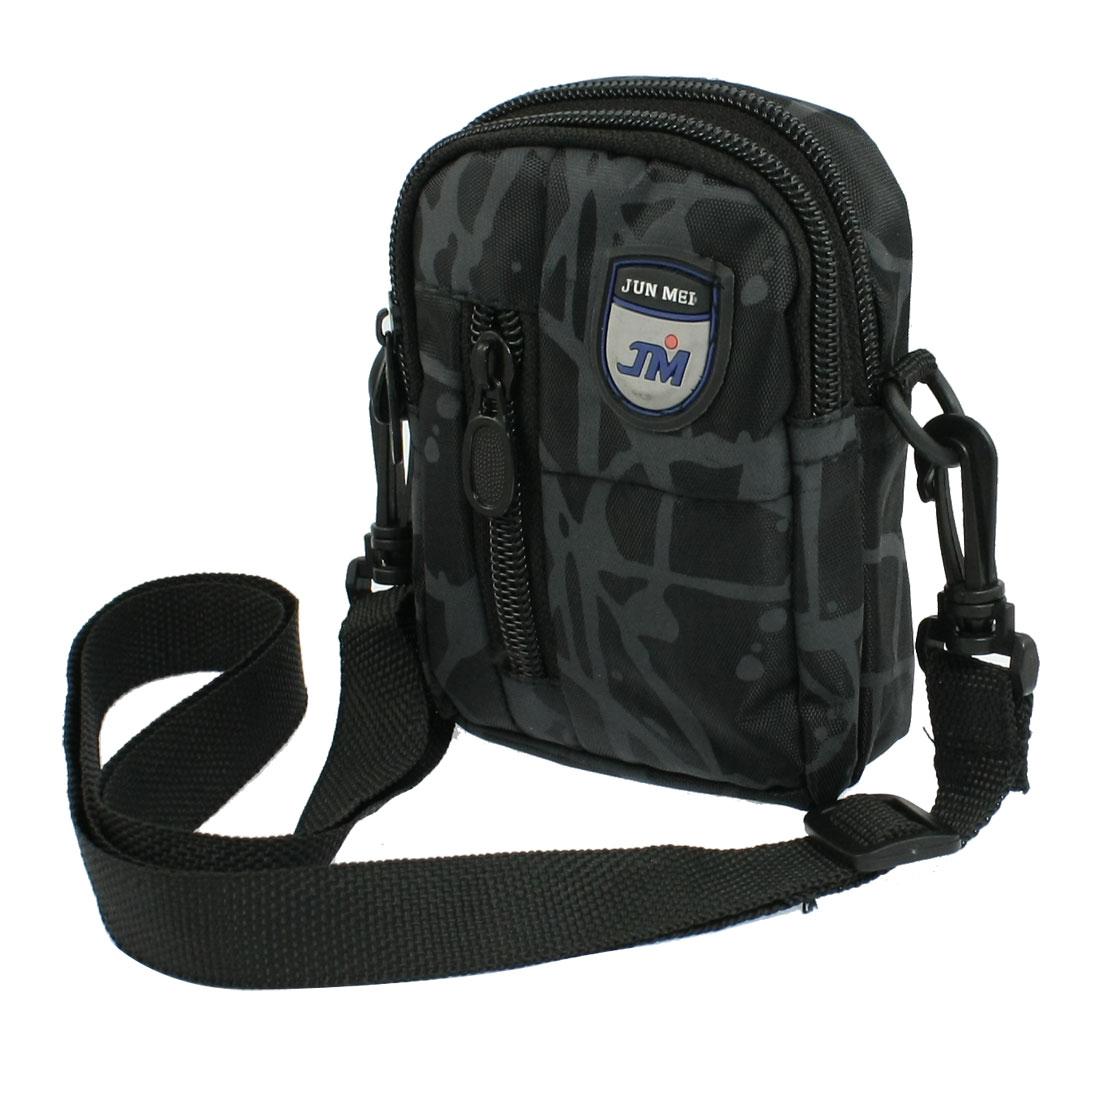 Black Gray Canvas 3 Zipper Closure Waist Bag Holder for Camera